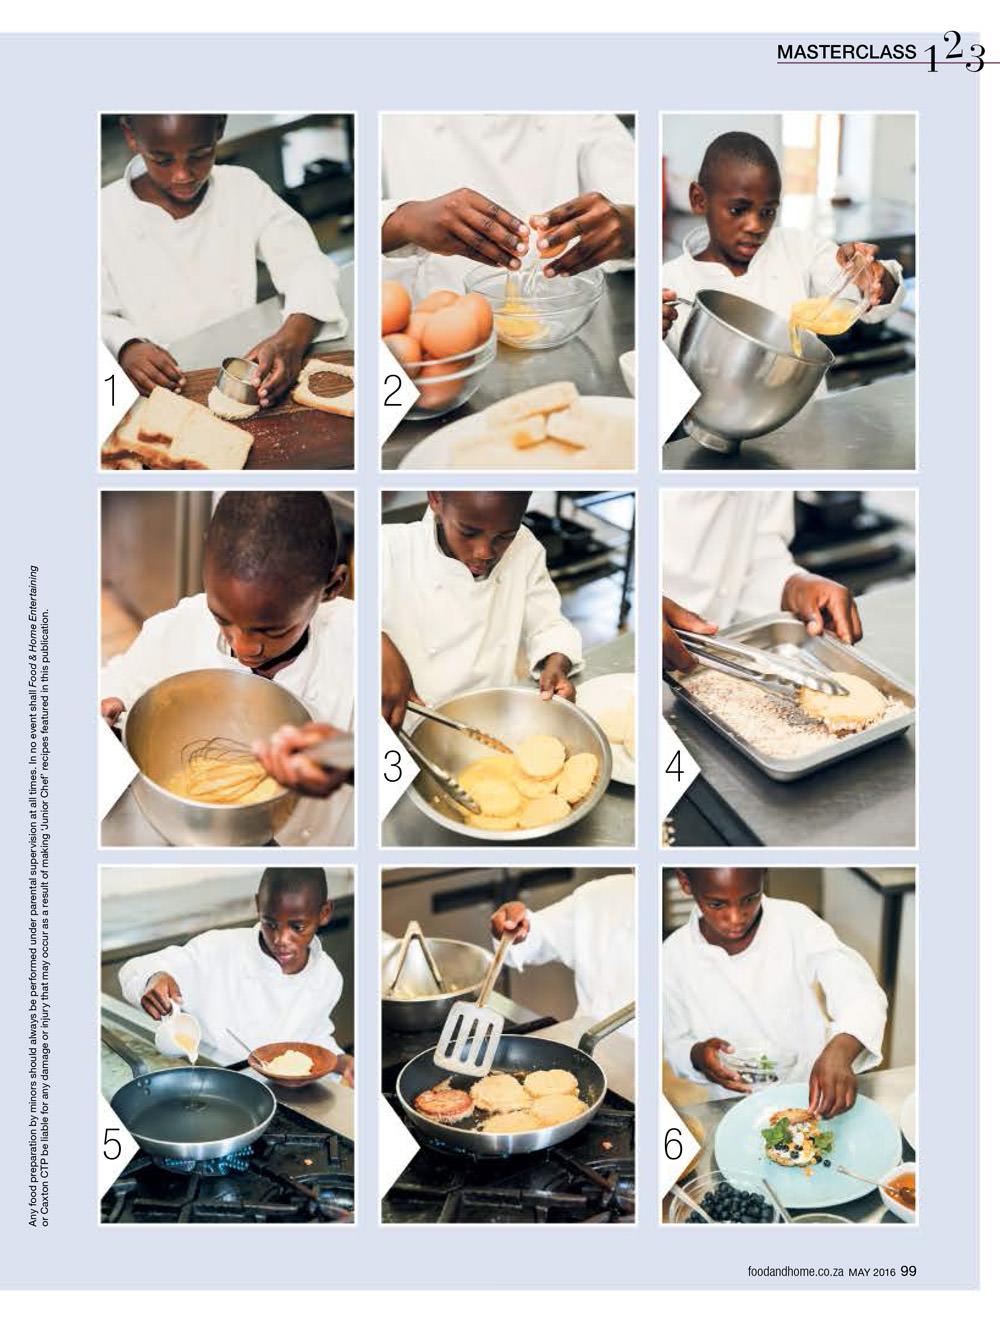 Refiloe Simpiwe Motaung Junior Chef 2